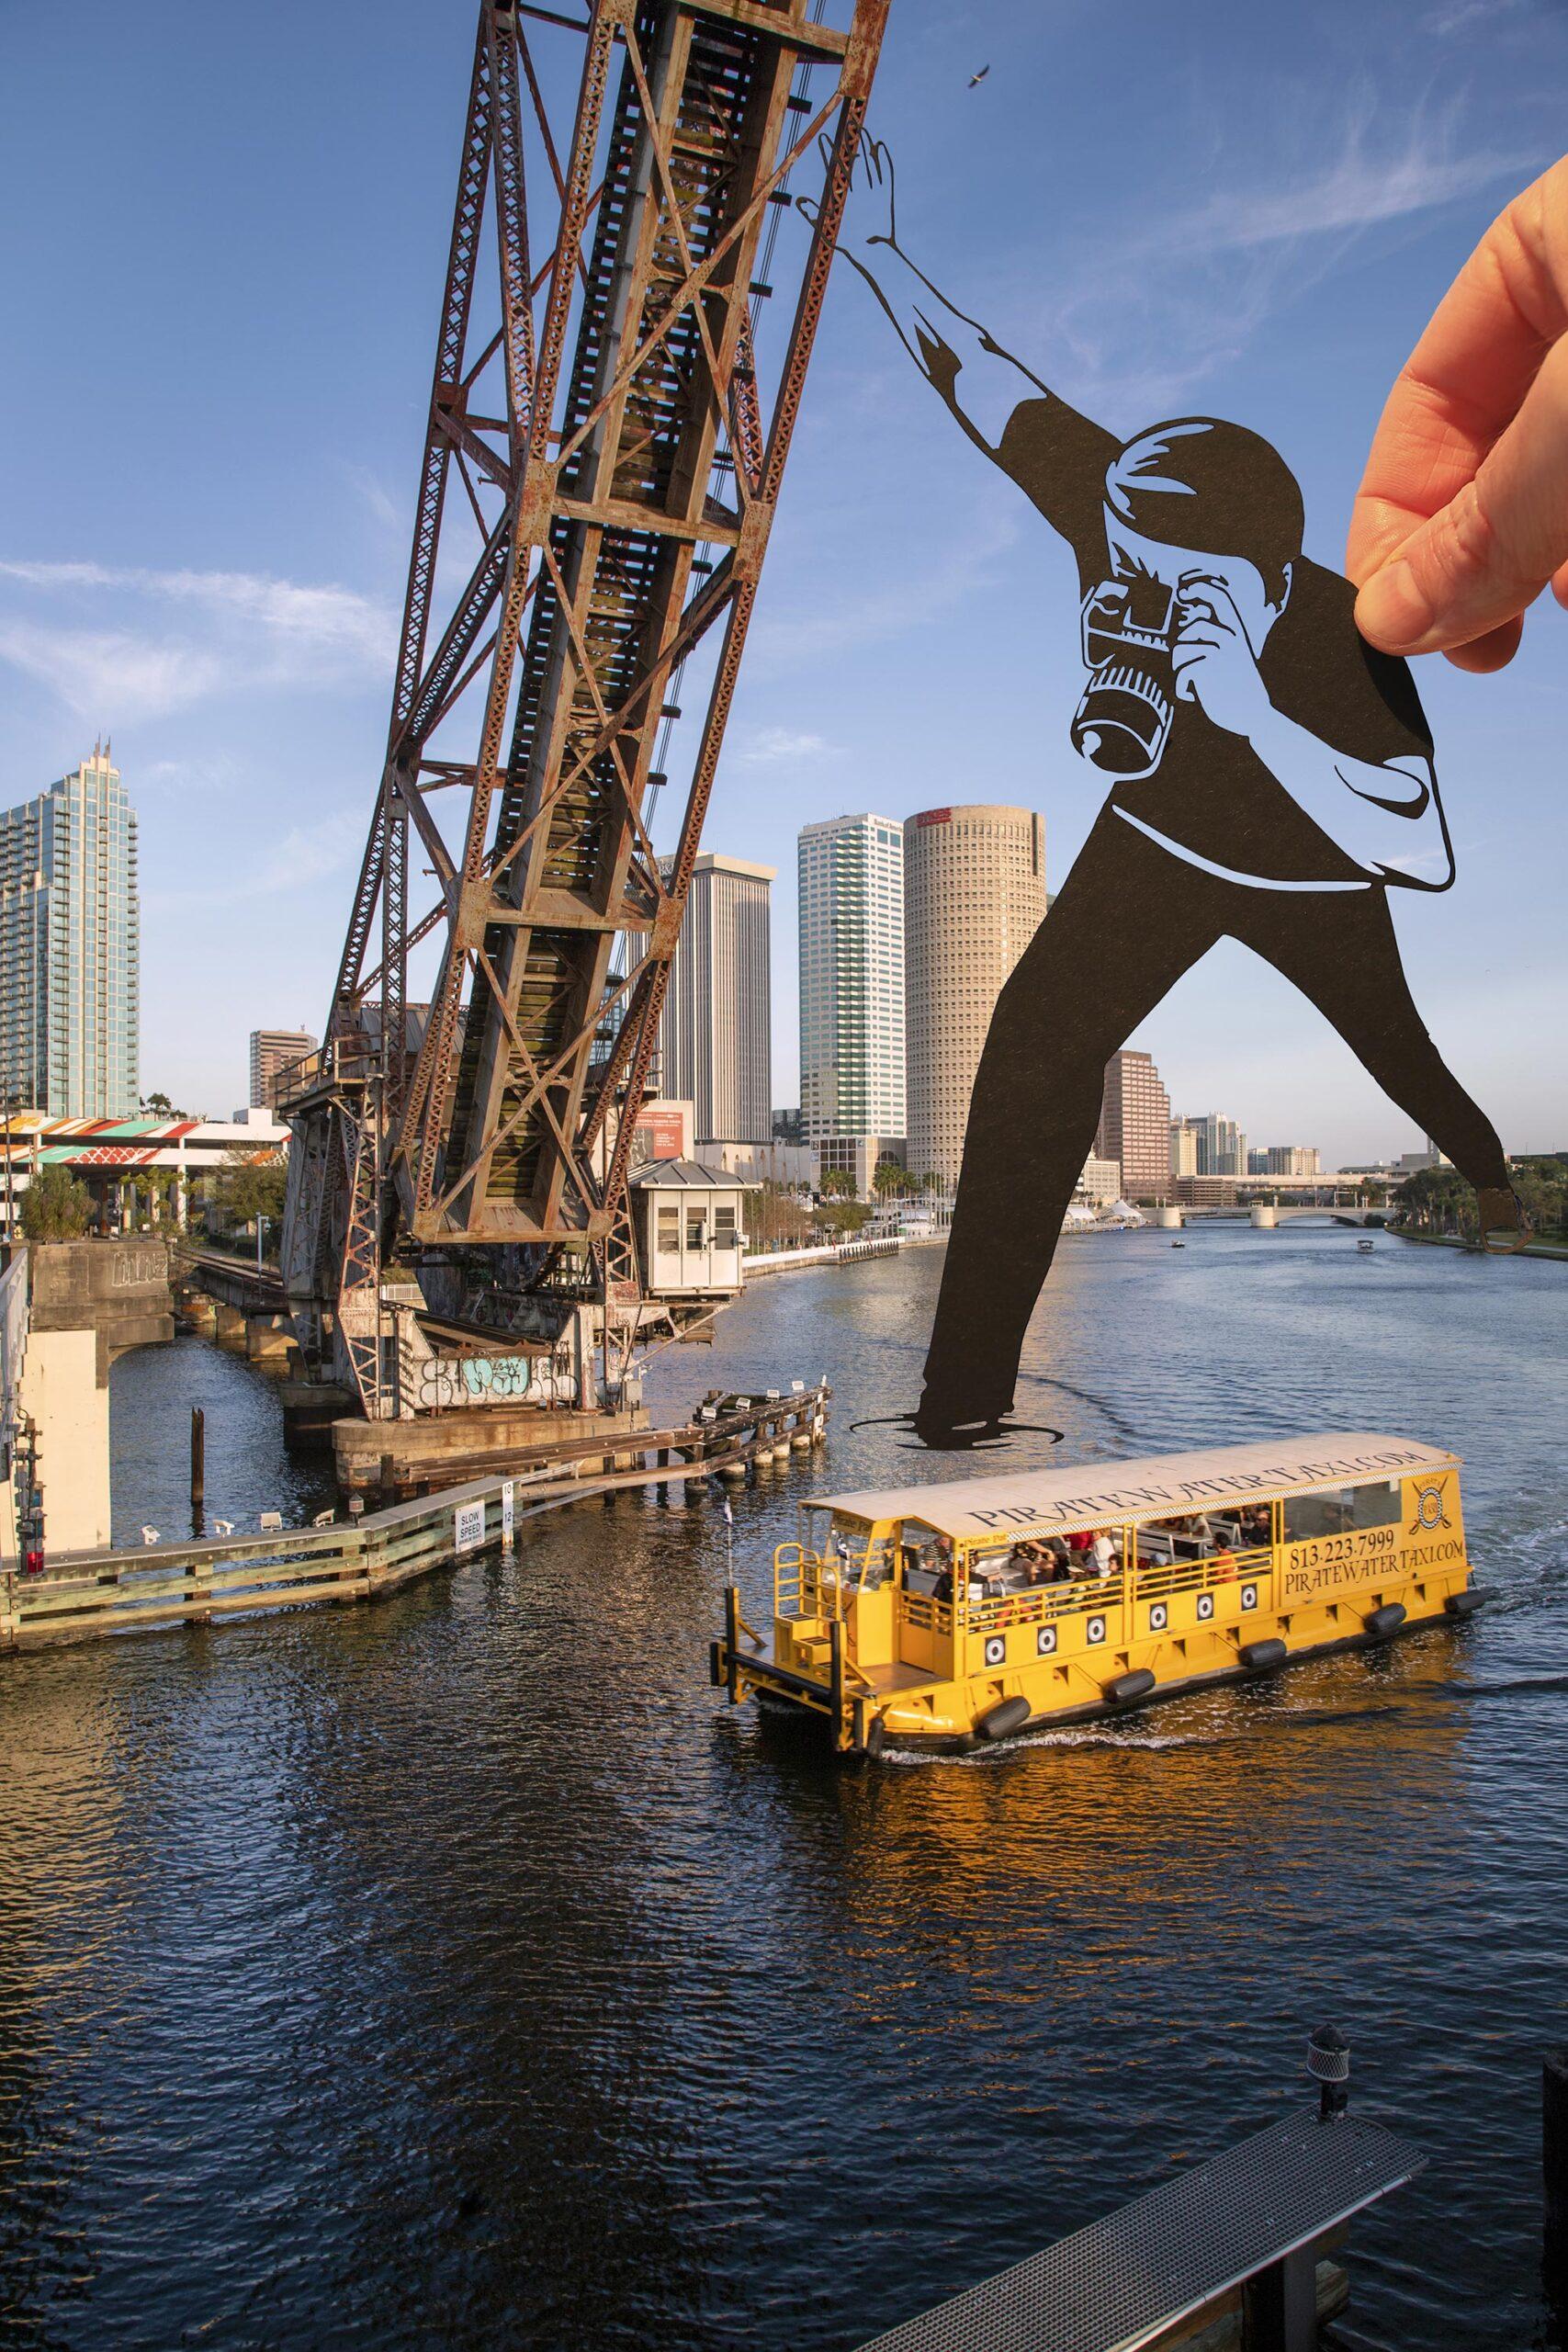 Paperboyo artista cria cenas divertidas com recortes de papel em arquitetura 8